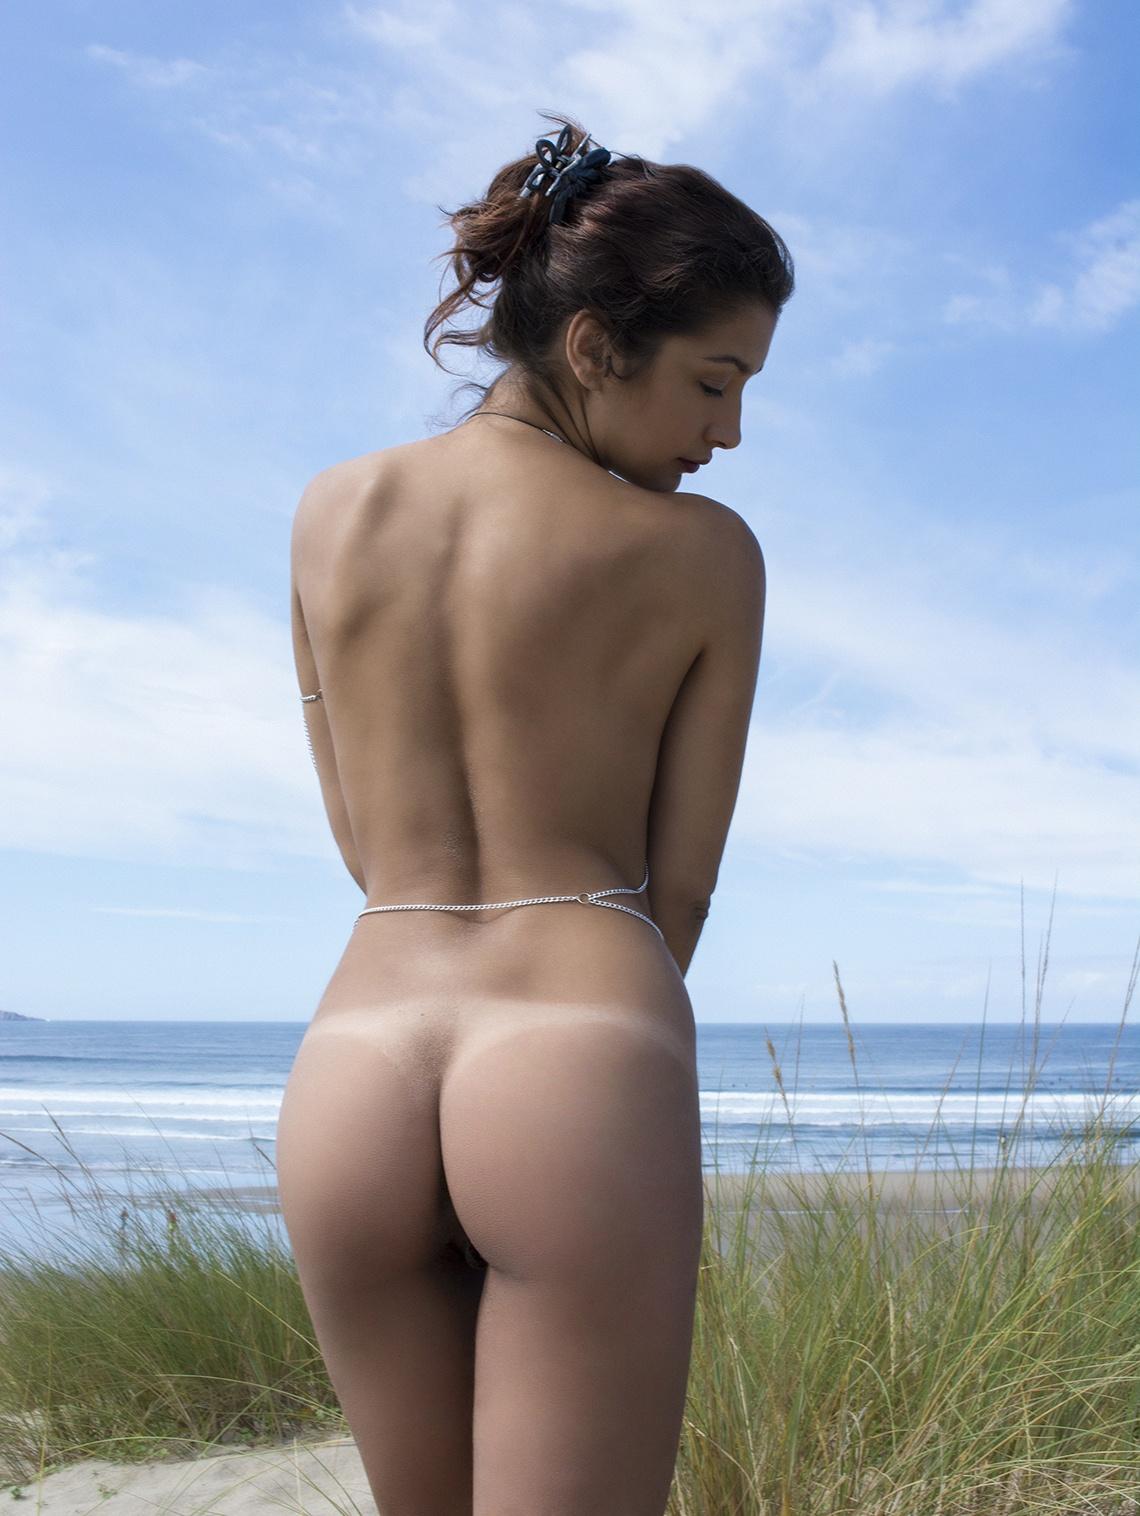 Ana - Acceso gratuito - Desnudo, semidesnudo y boudoir. Fotografía por Javier Cuevas